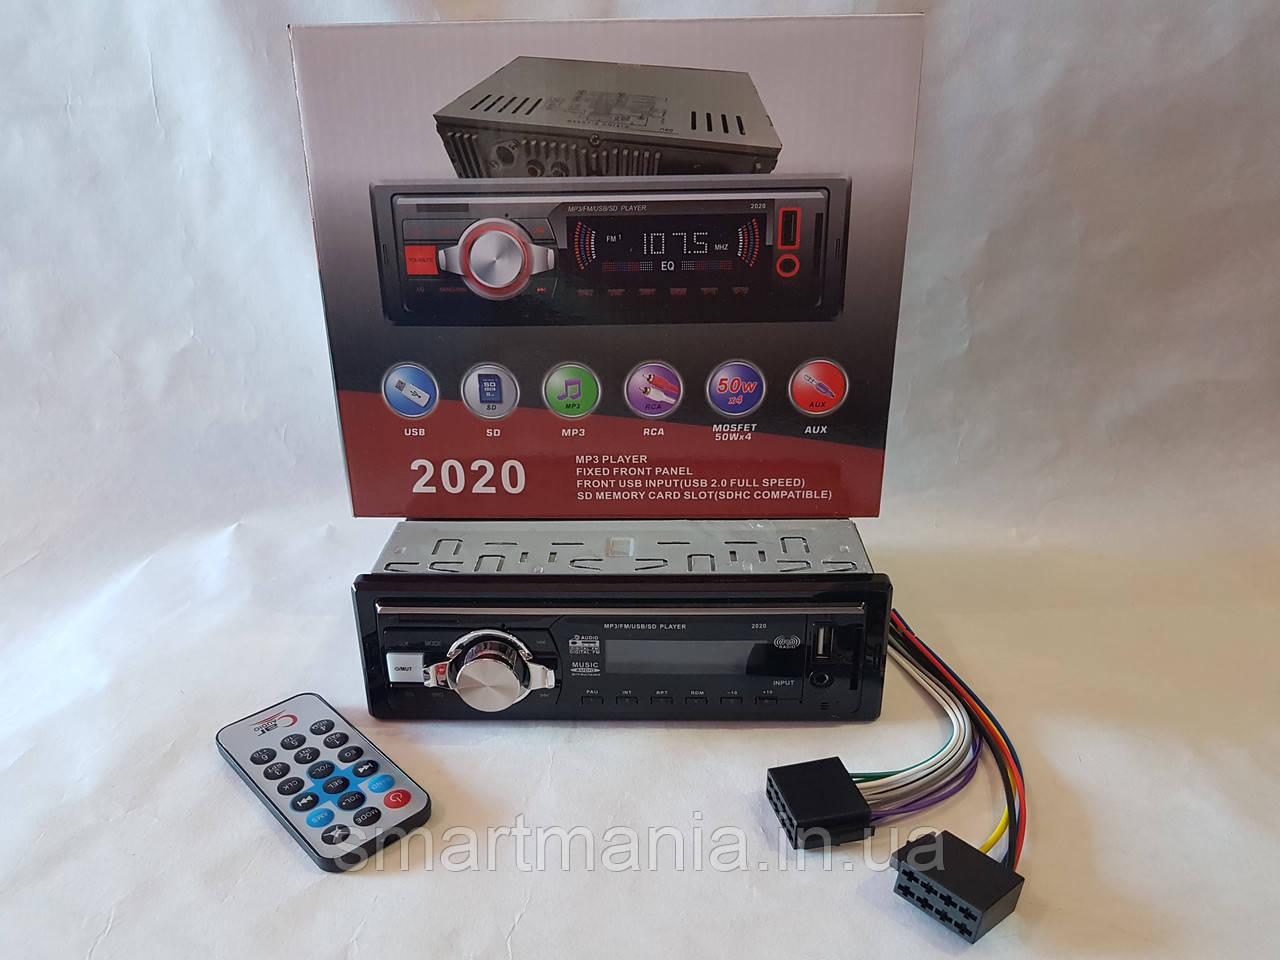 Автомагнитола Pioneer 2020 - MP3+FM+USB+SD+AUX!